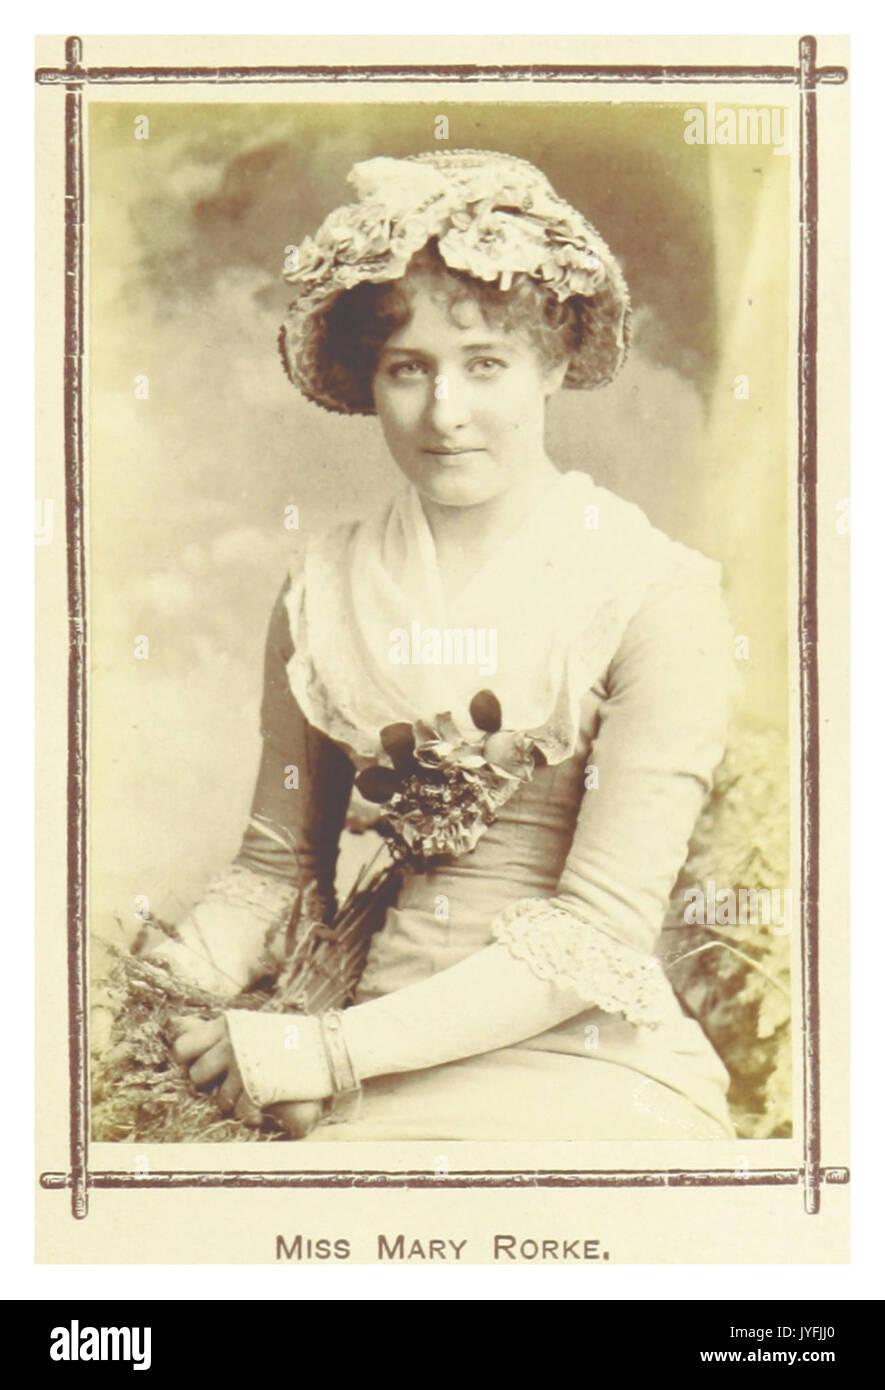 Mary Rorke